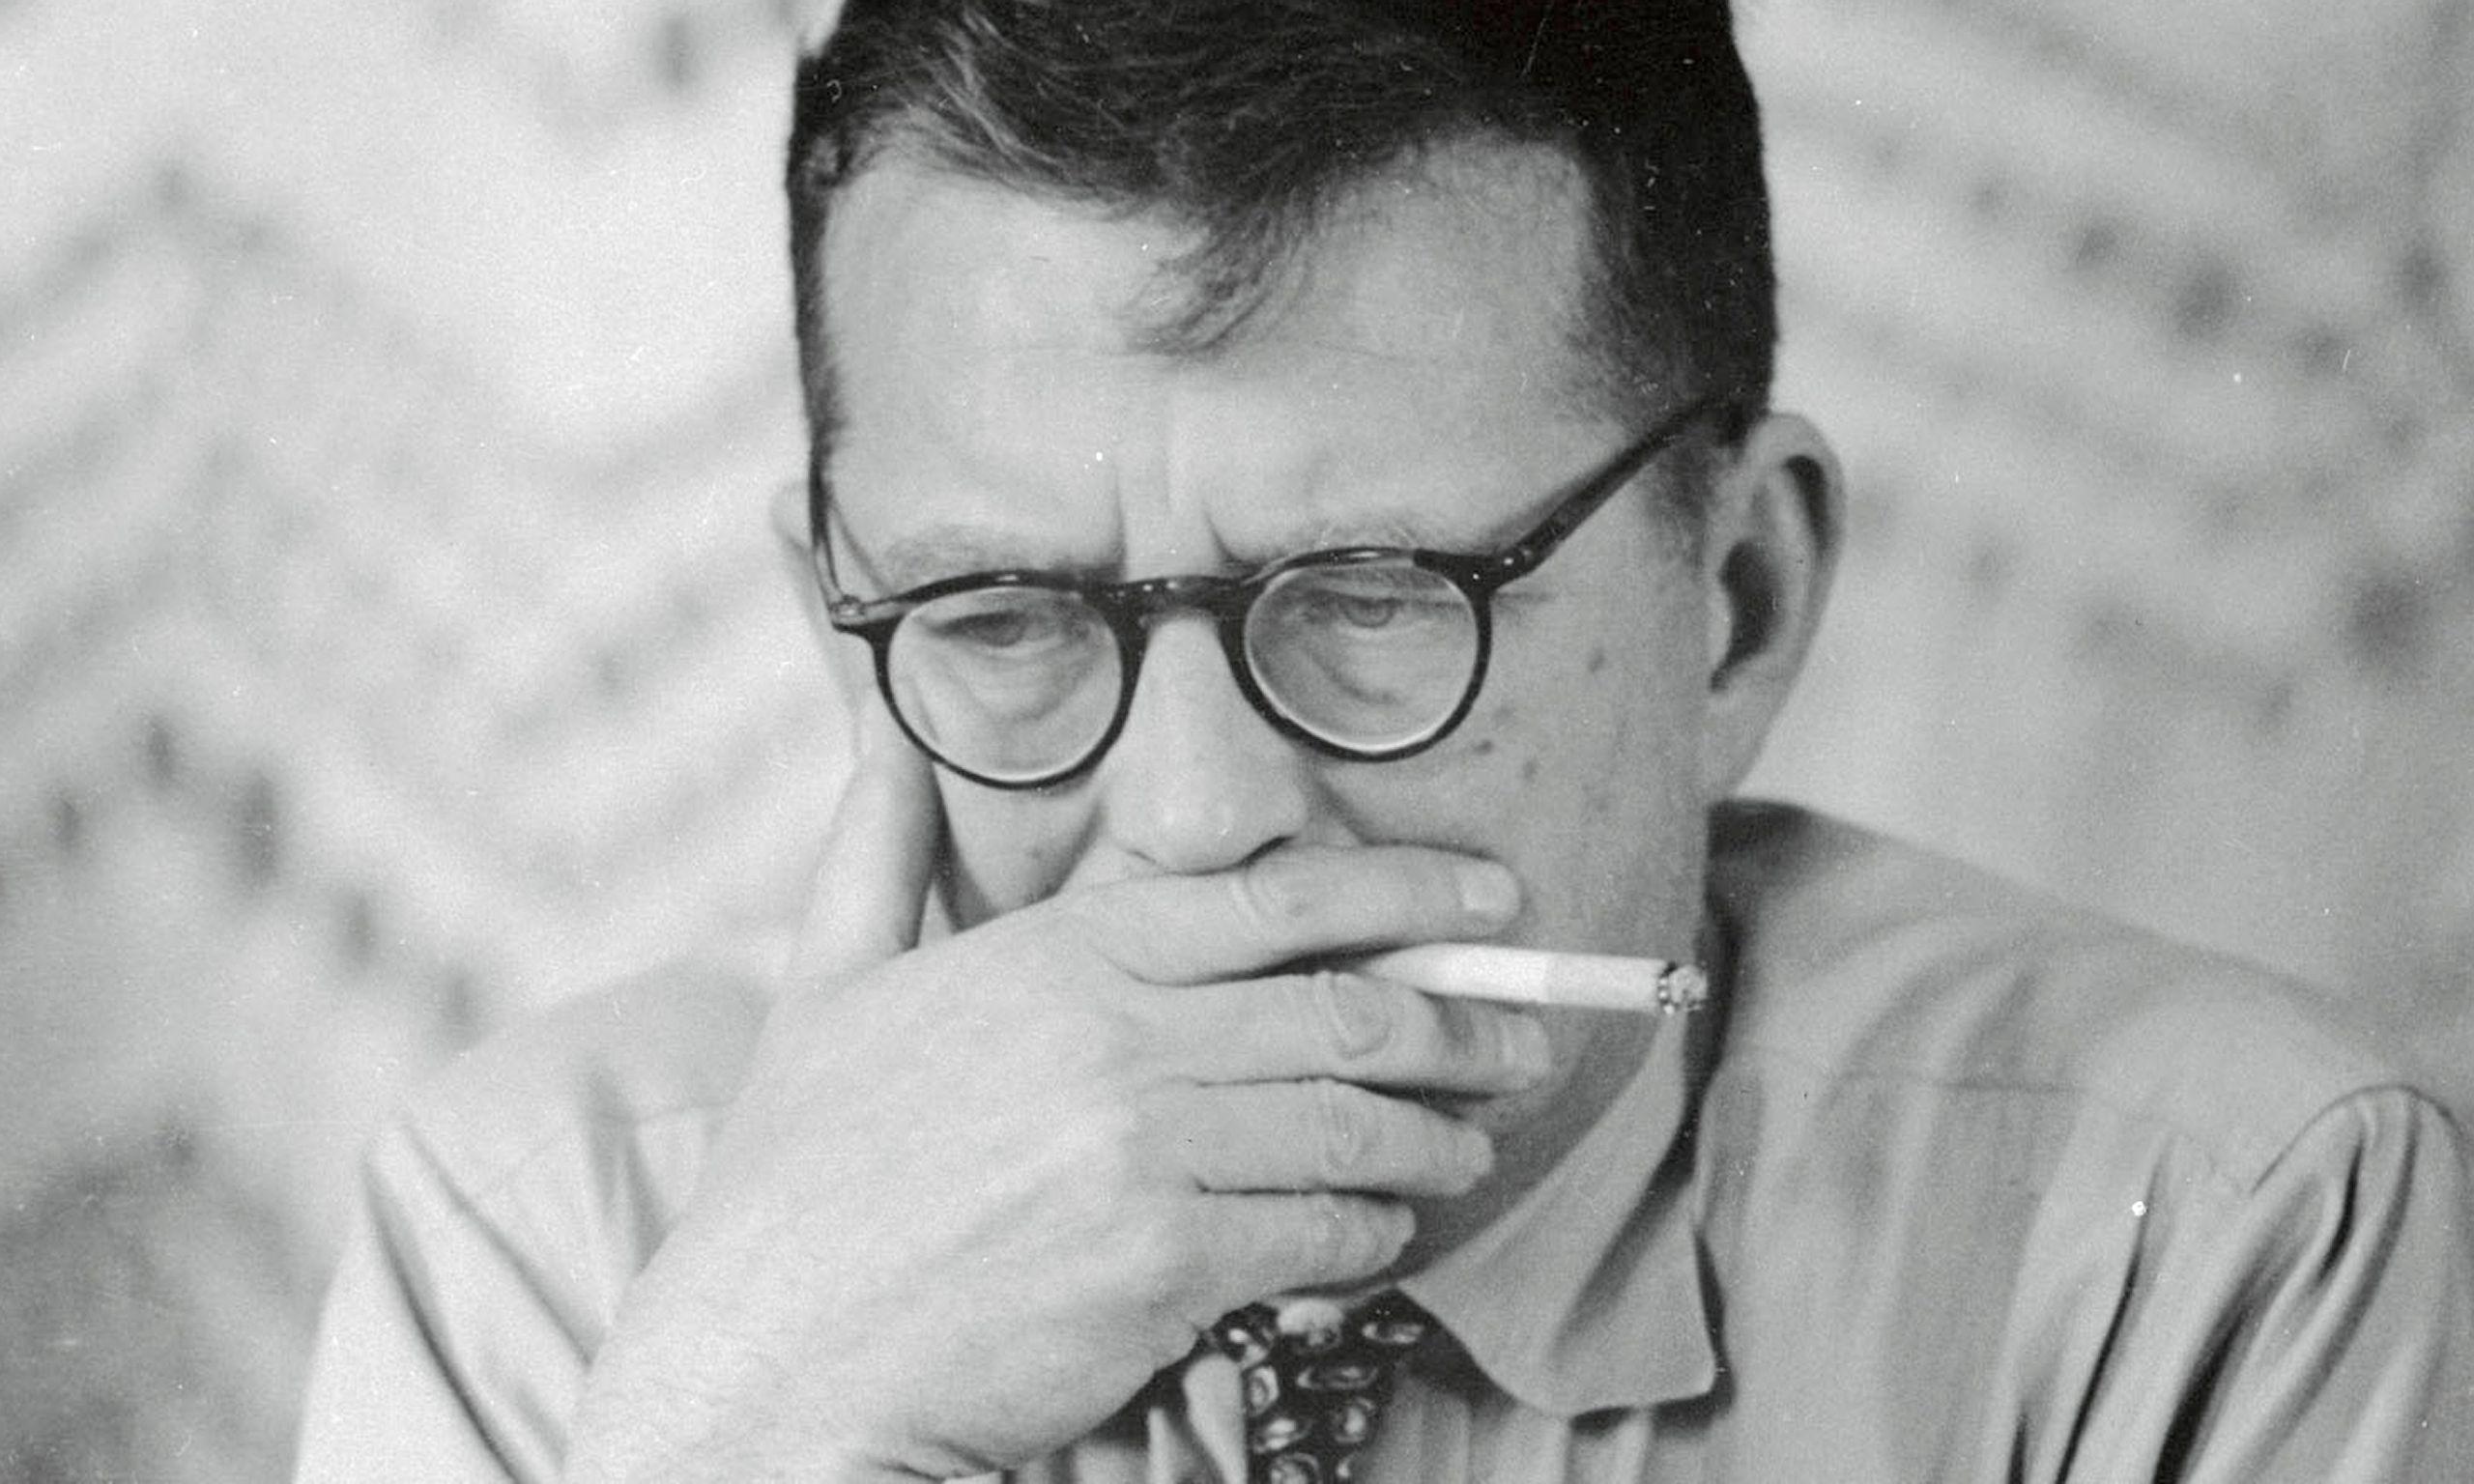 Neste sábado (11), a Ospa apresentará a Sinfonia Nº 10 de Shostakovich